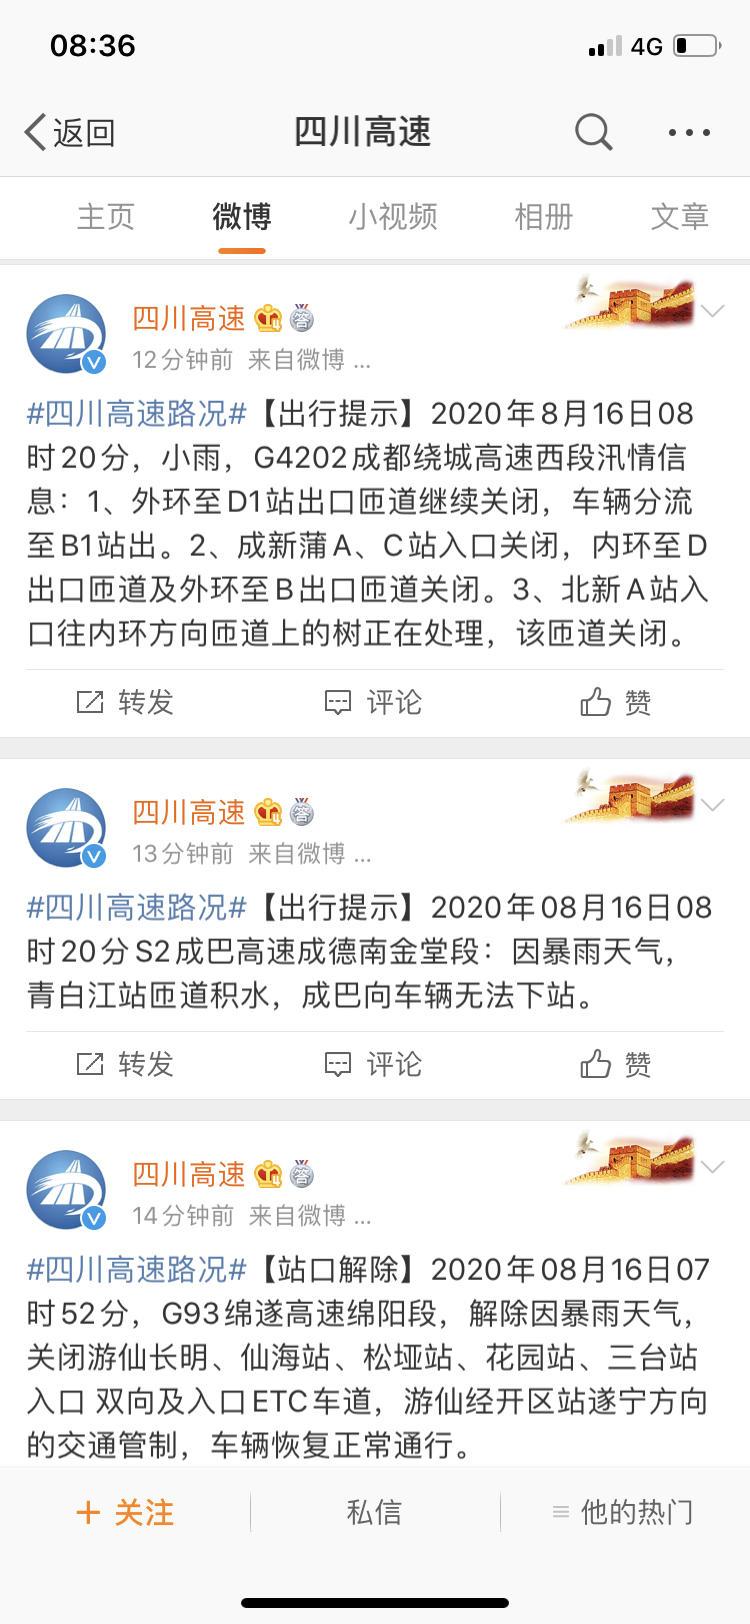 ↑@四川高速 微博接连发布出行提示